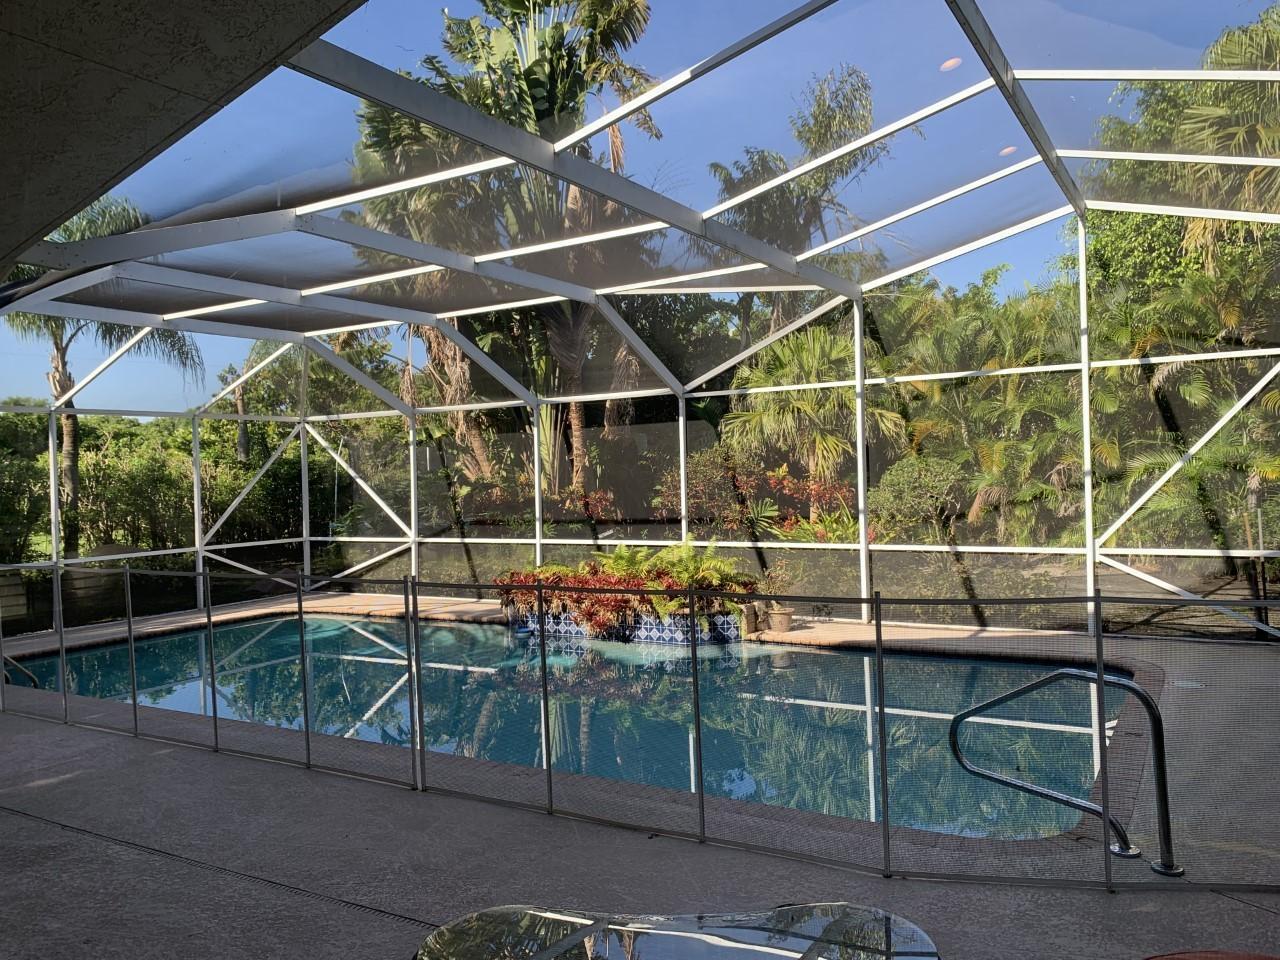 9164 Long Lake Palm Drive, Boca Raton, FL 33496